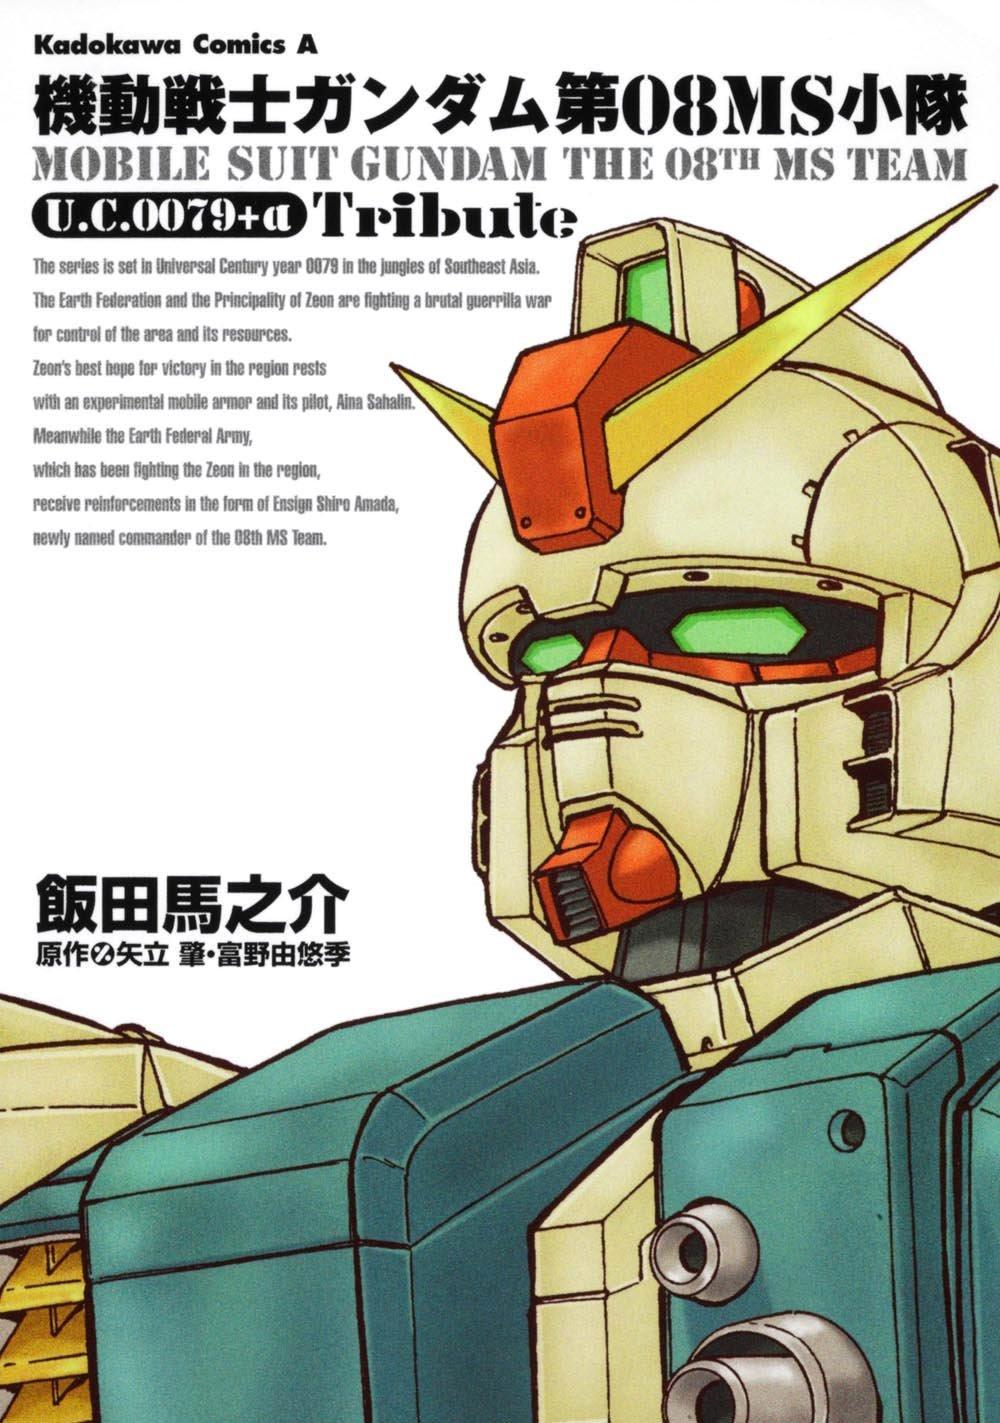 機動戦士ガンダム第08MS小隊U.C.0079+α Tribute